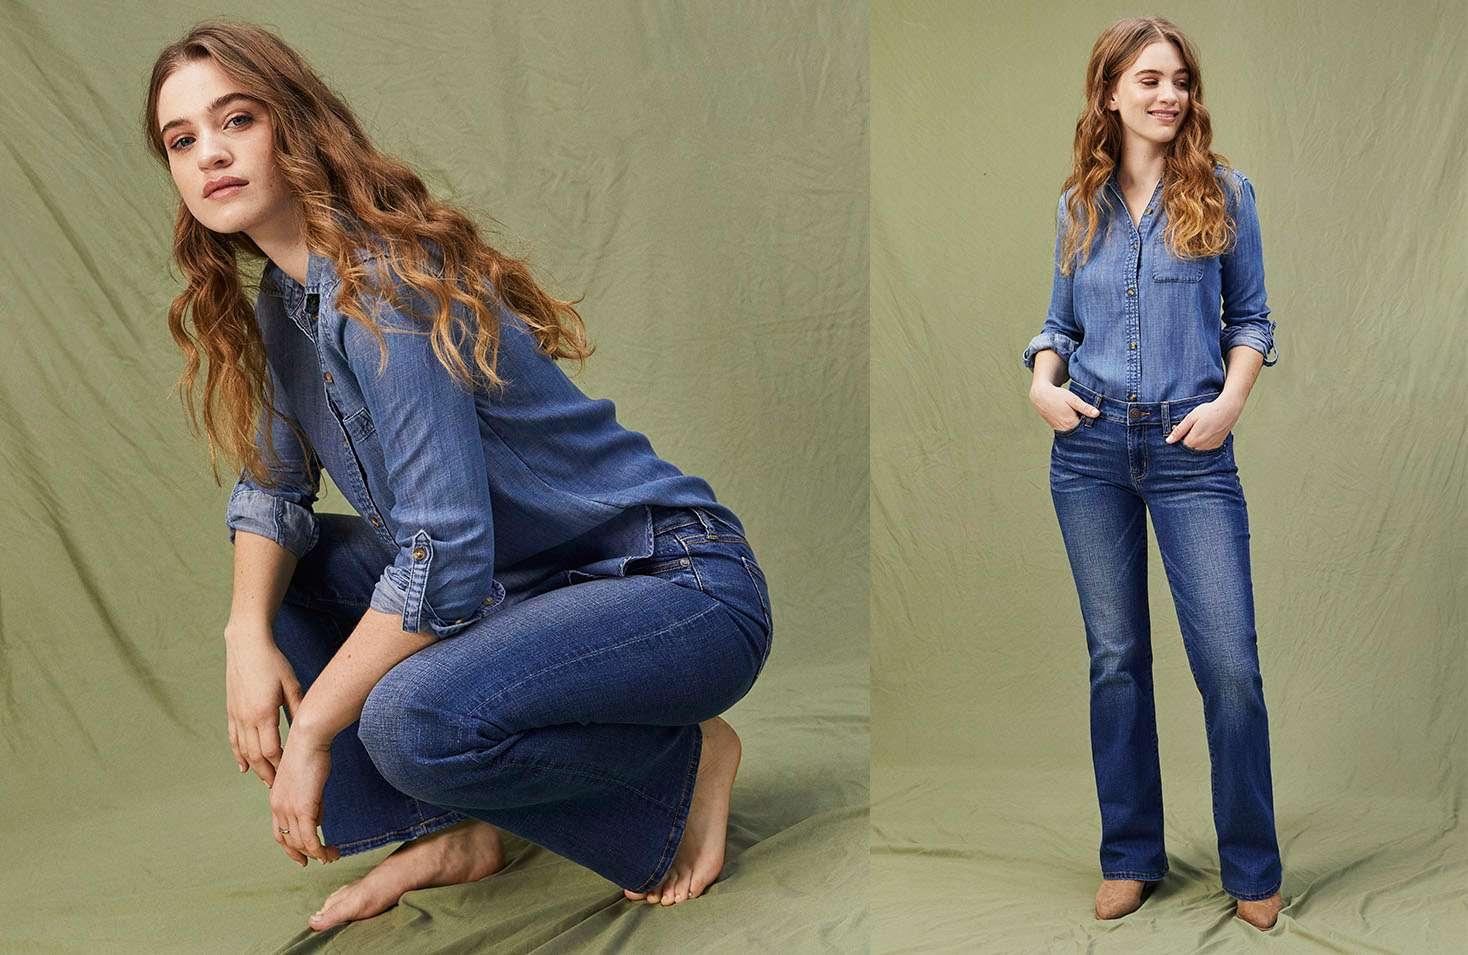 d7848bf21d0 Boyfriend Jeans for Women